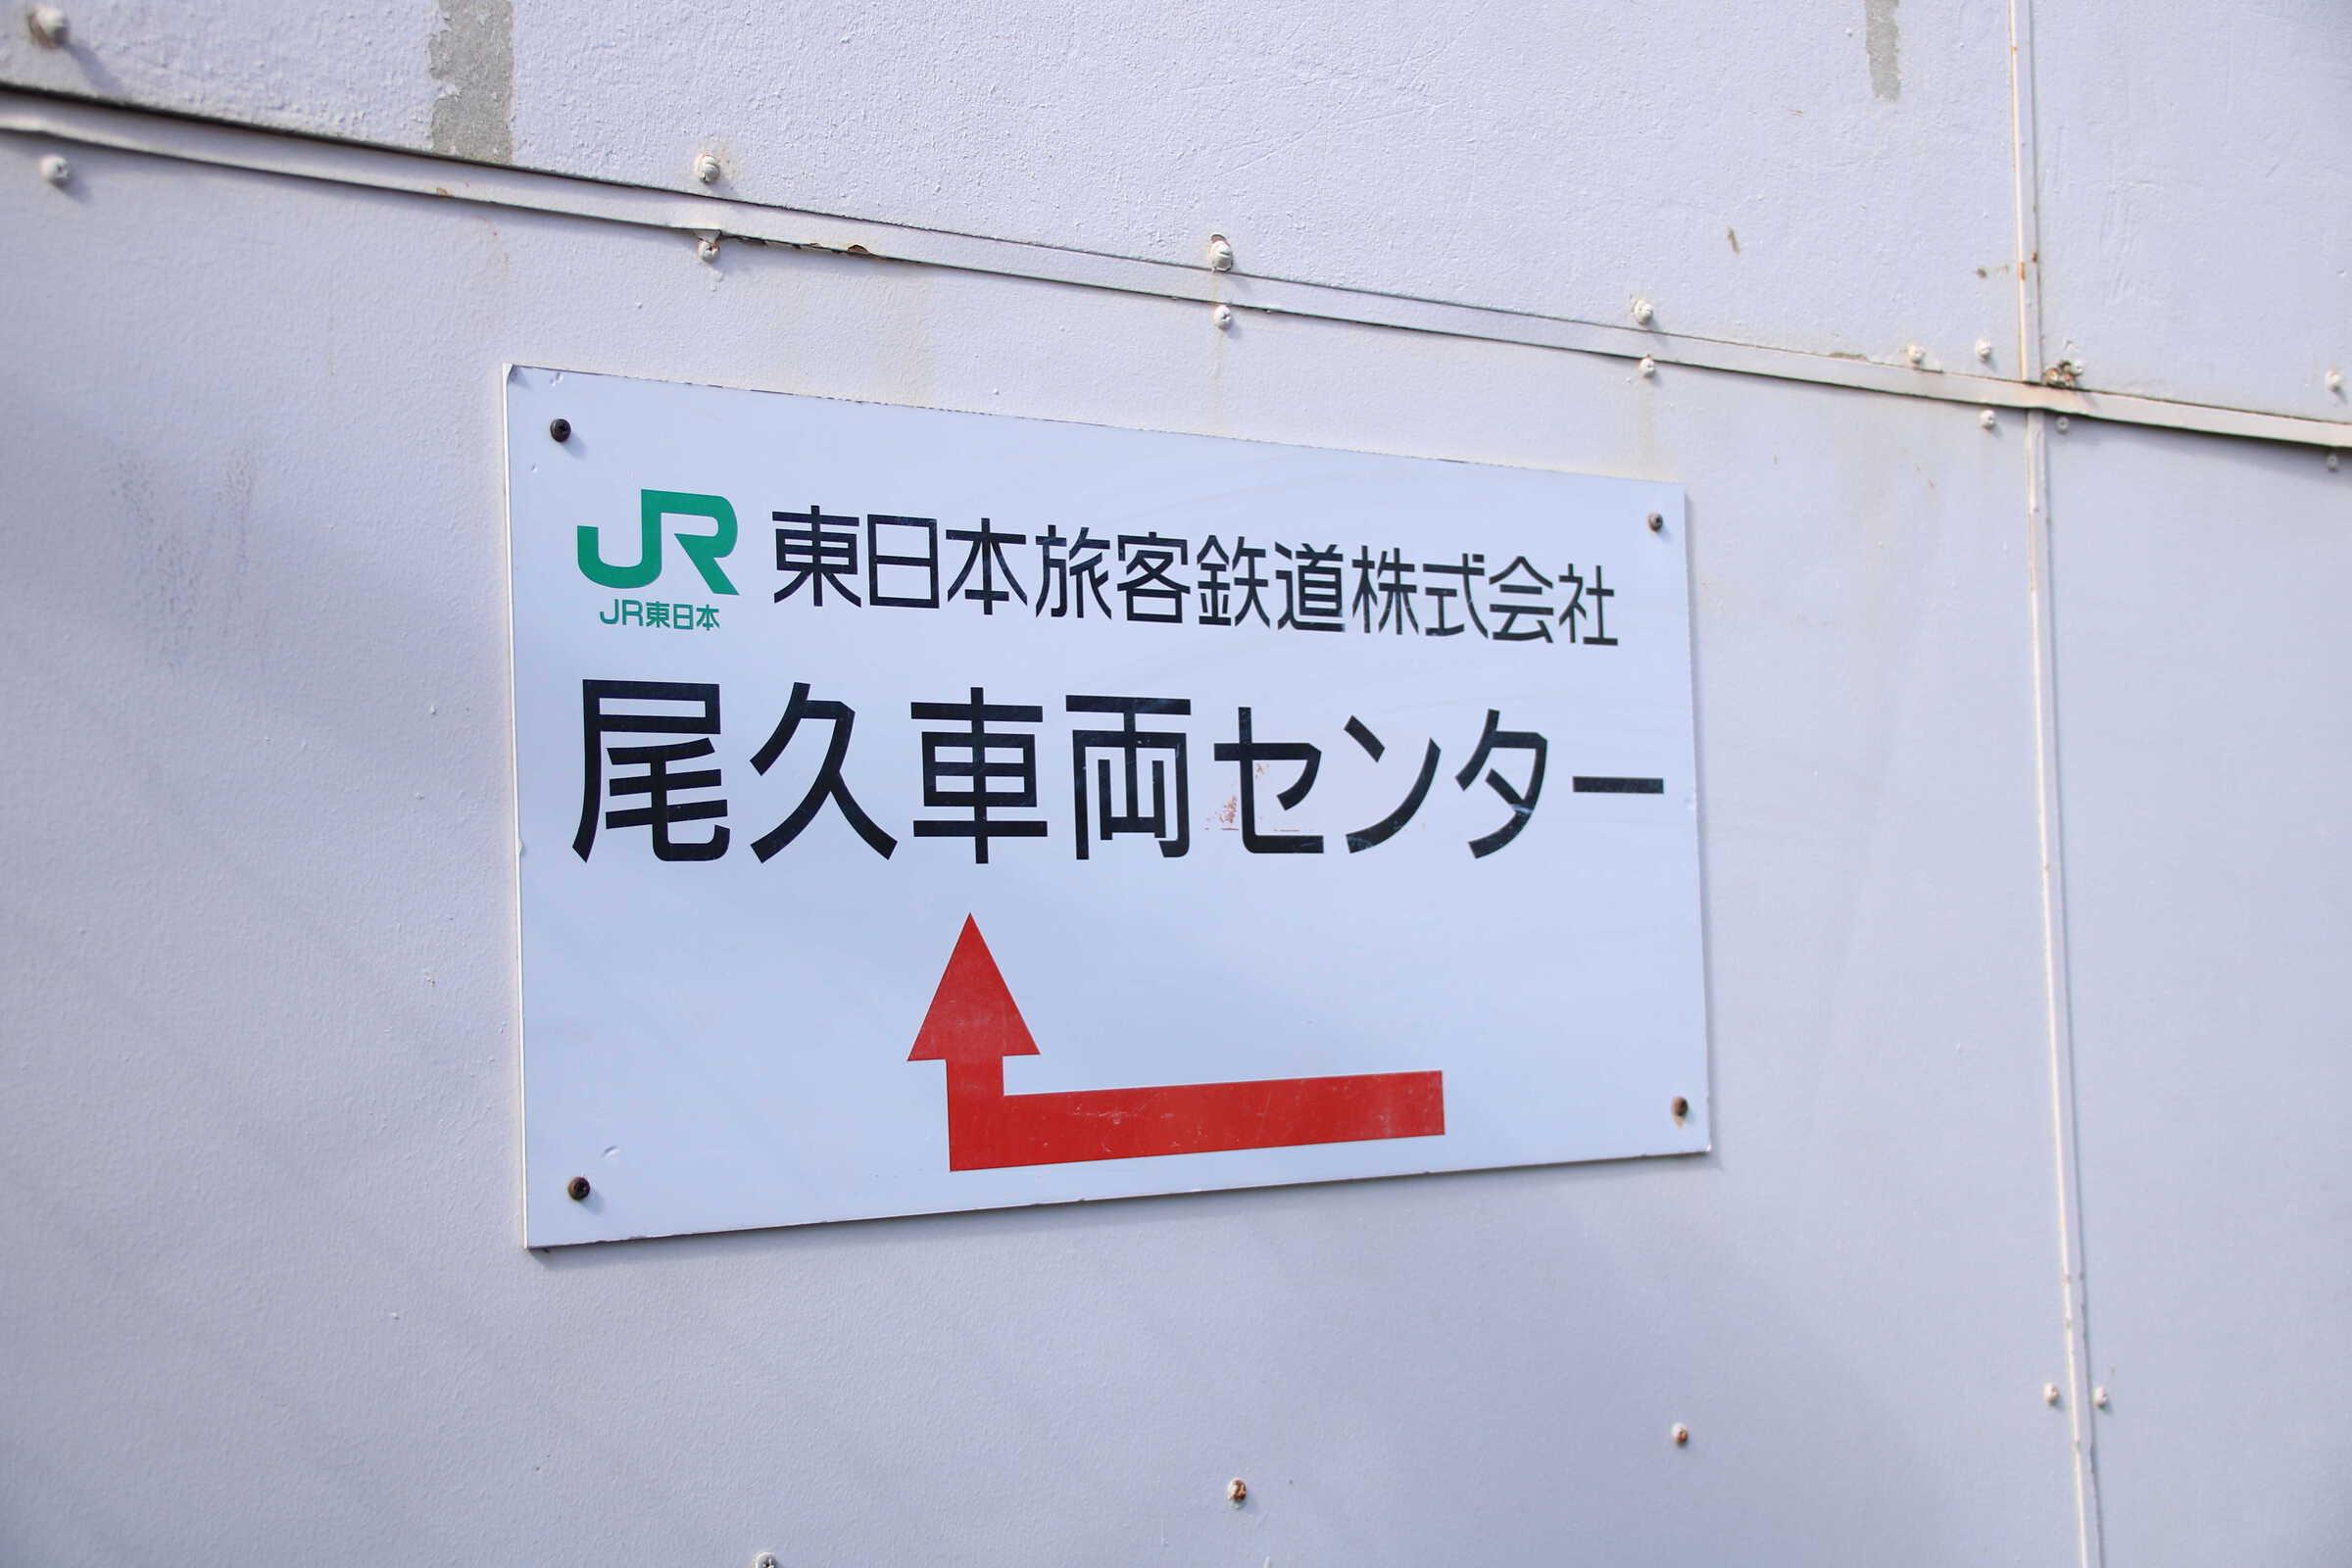 尾久車両センター (東オク)